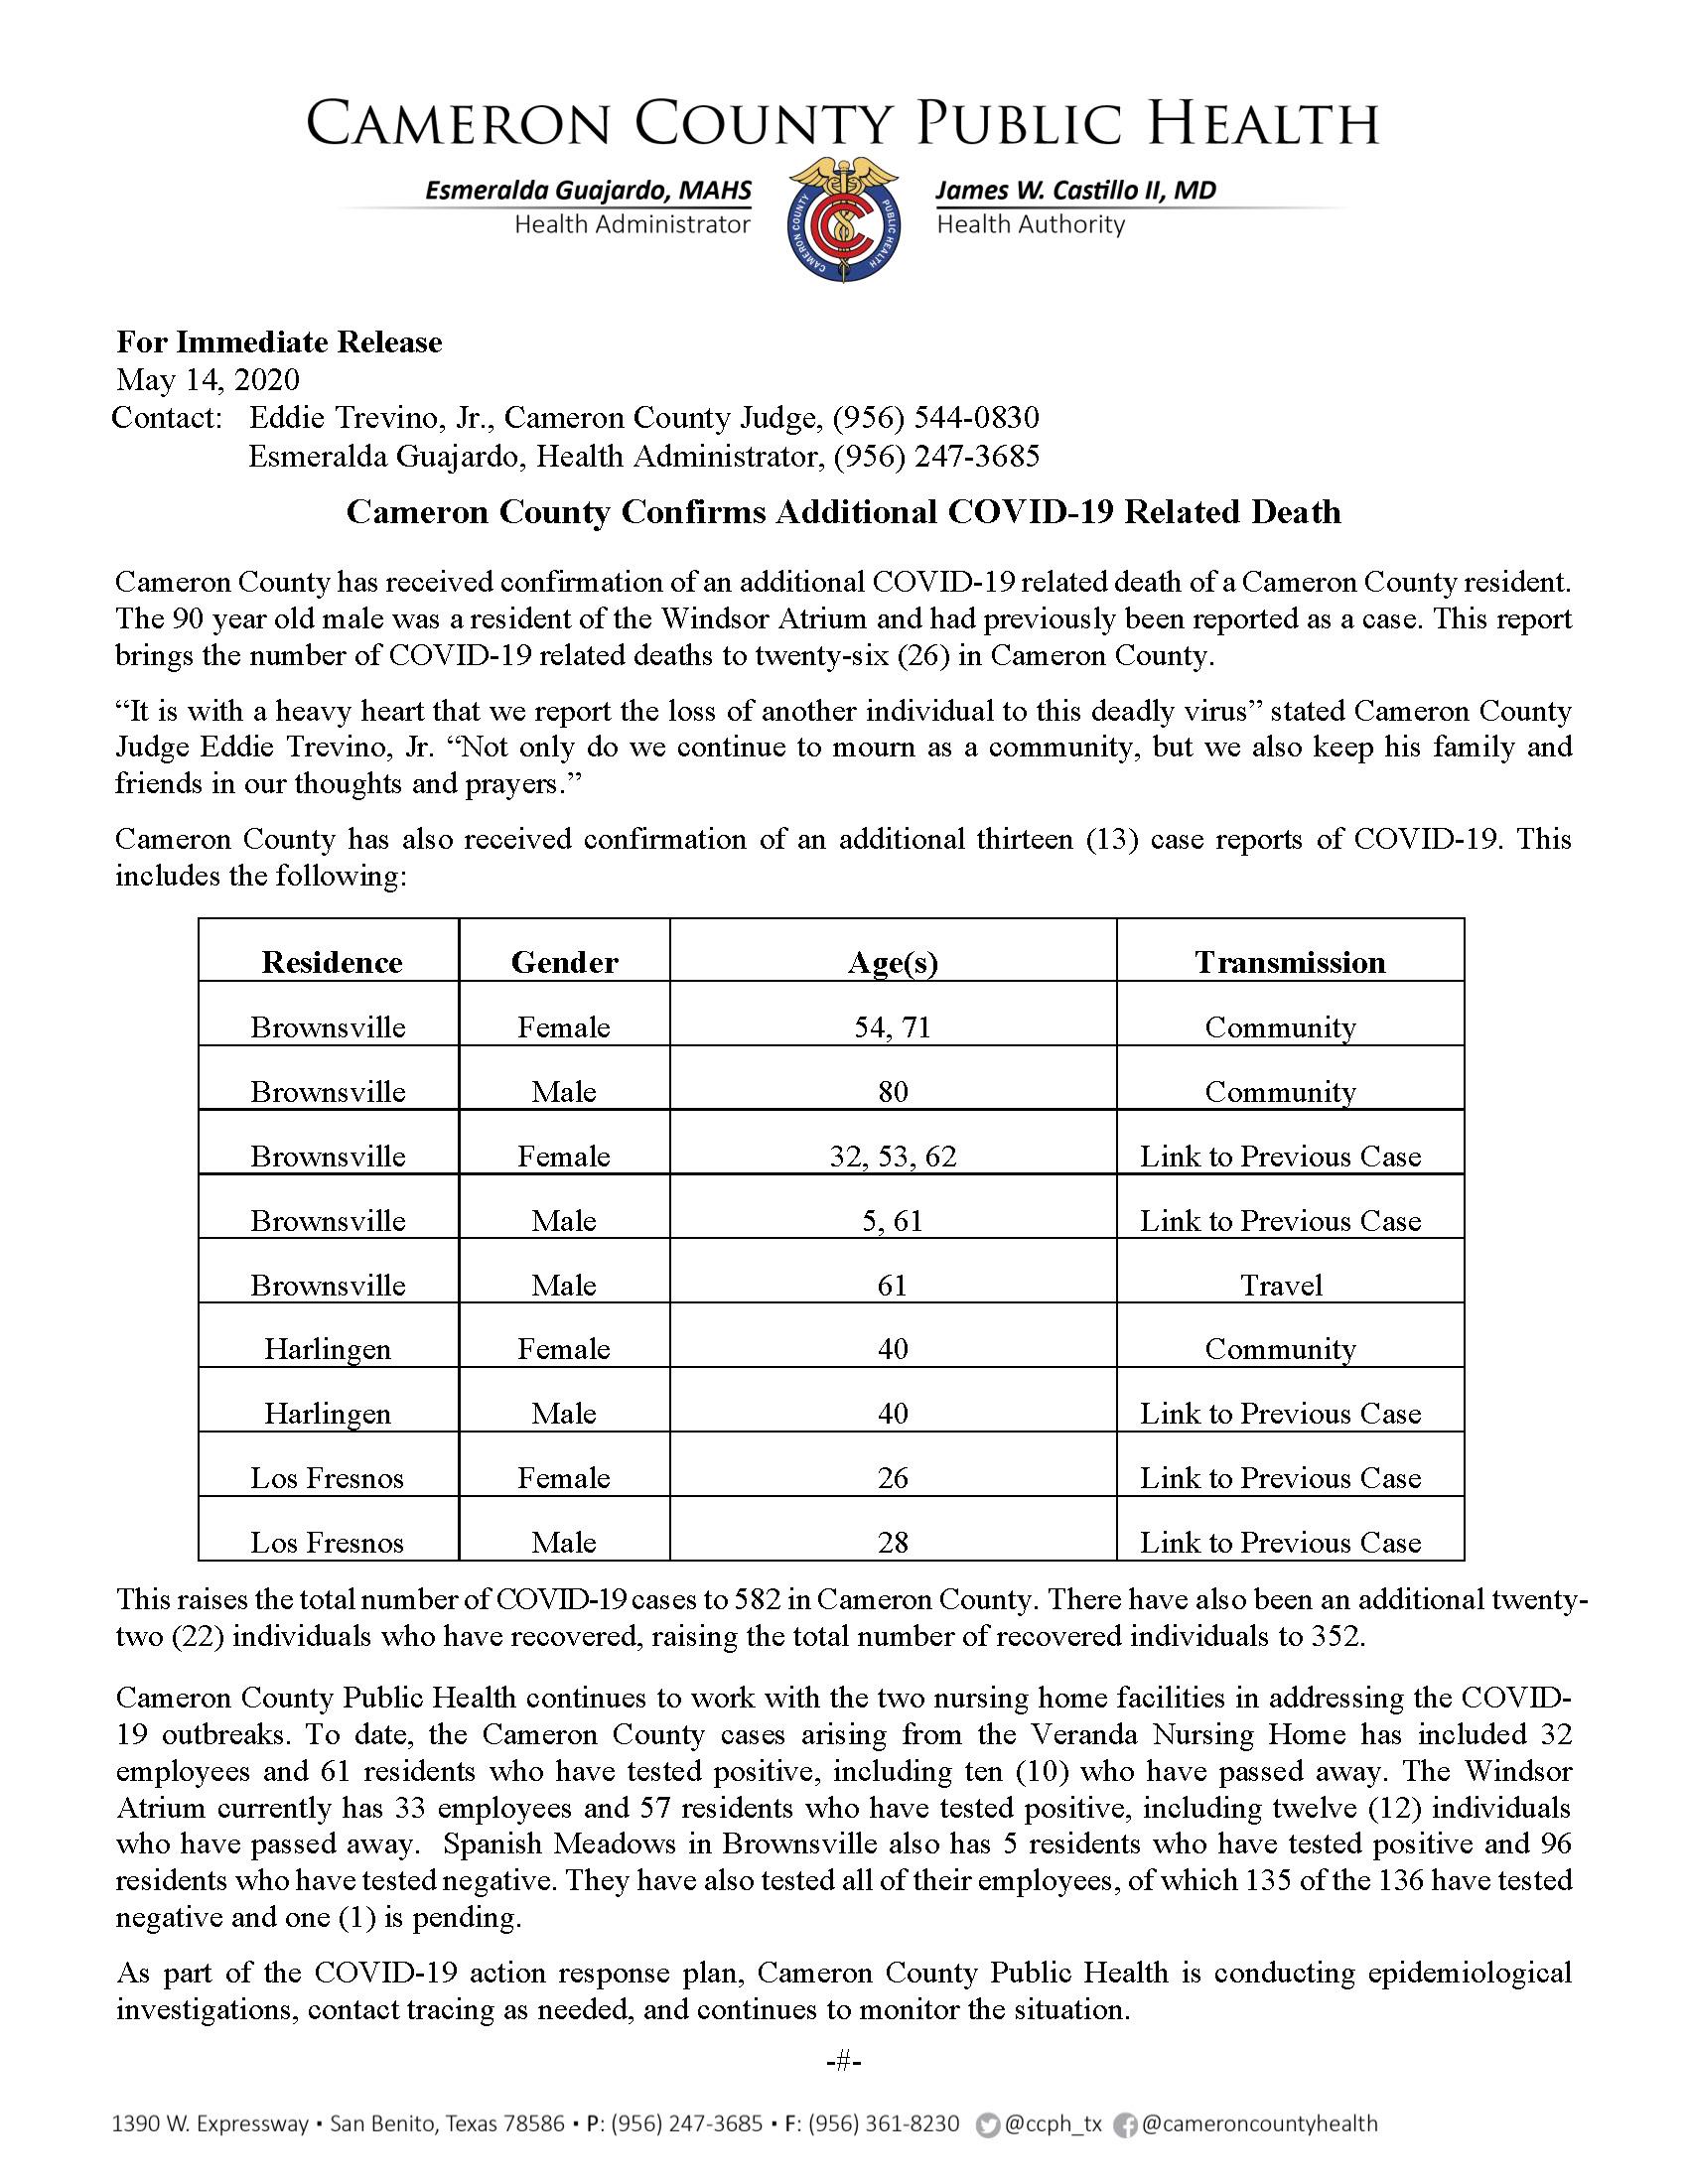 REV COVID 19 Press Release 570 582 PR47 5 14 2020